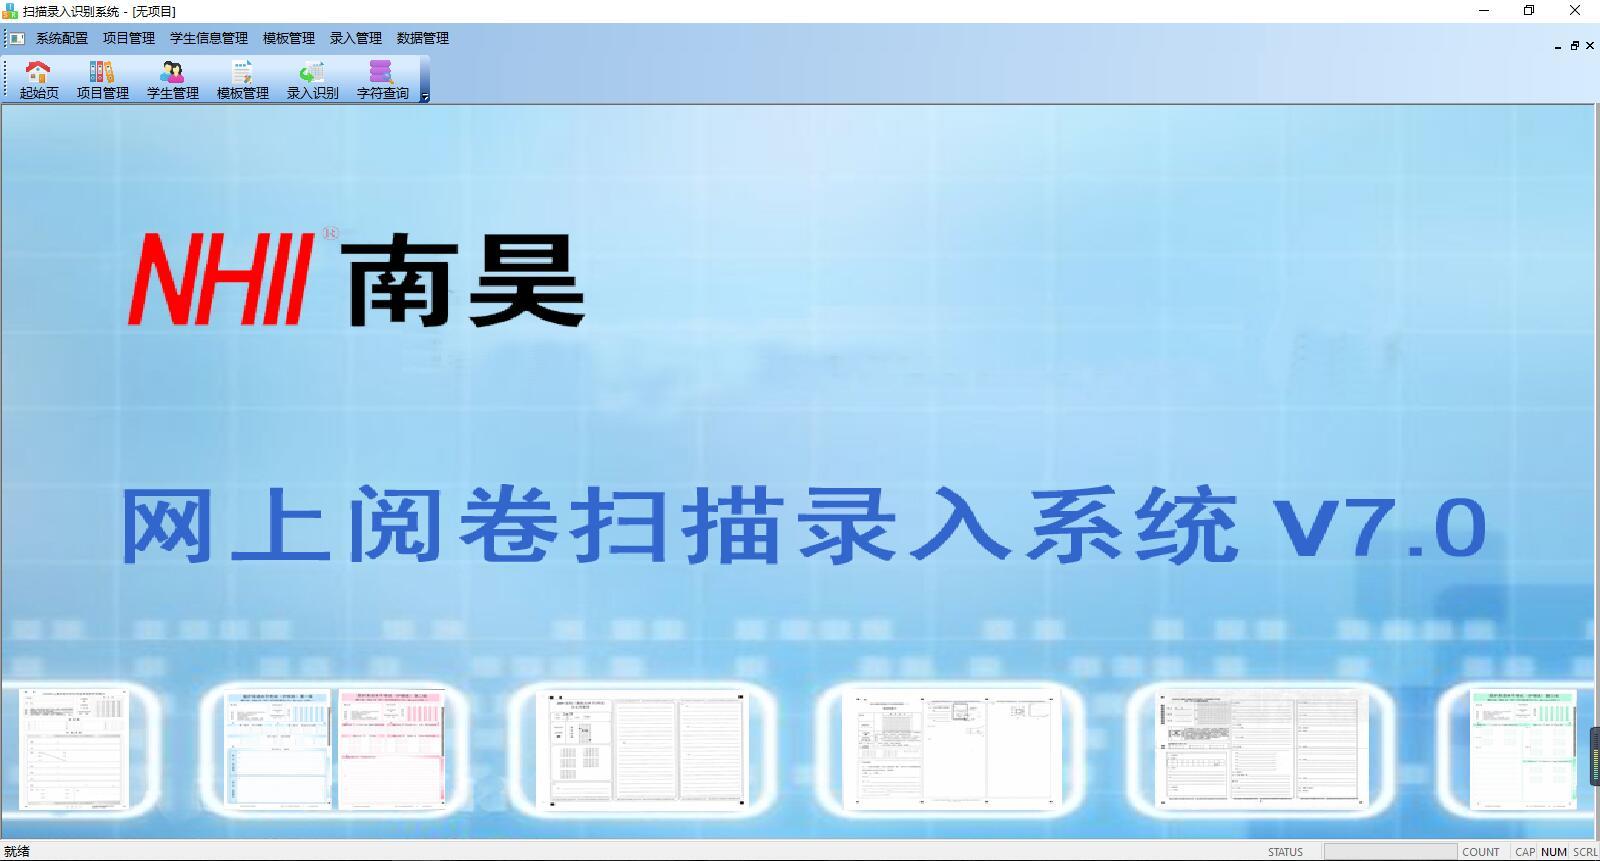 电脑评卷系统为您提供 电脑评卷系统信息 售价|新闻动态-河北文柏云考科技发展有限公司